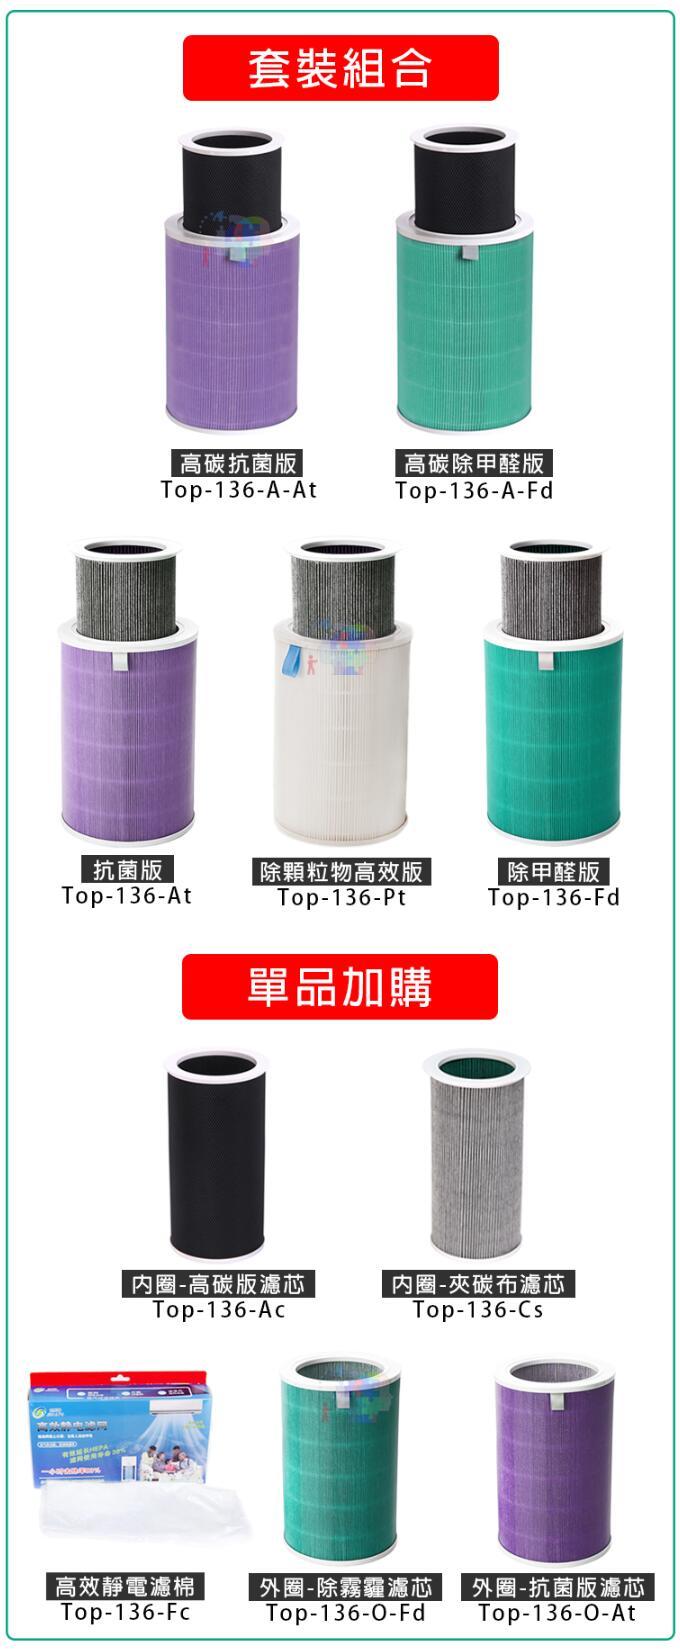 【尋寶趣】外圈-抗菌版 適用小米空氣淨化器濾芯 高效過濾 除PM2.5 除霉菌 濾網耗材 Top-136-O-At 5